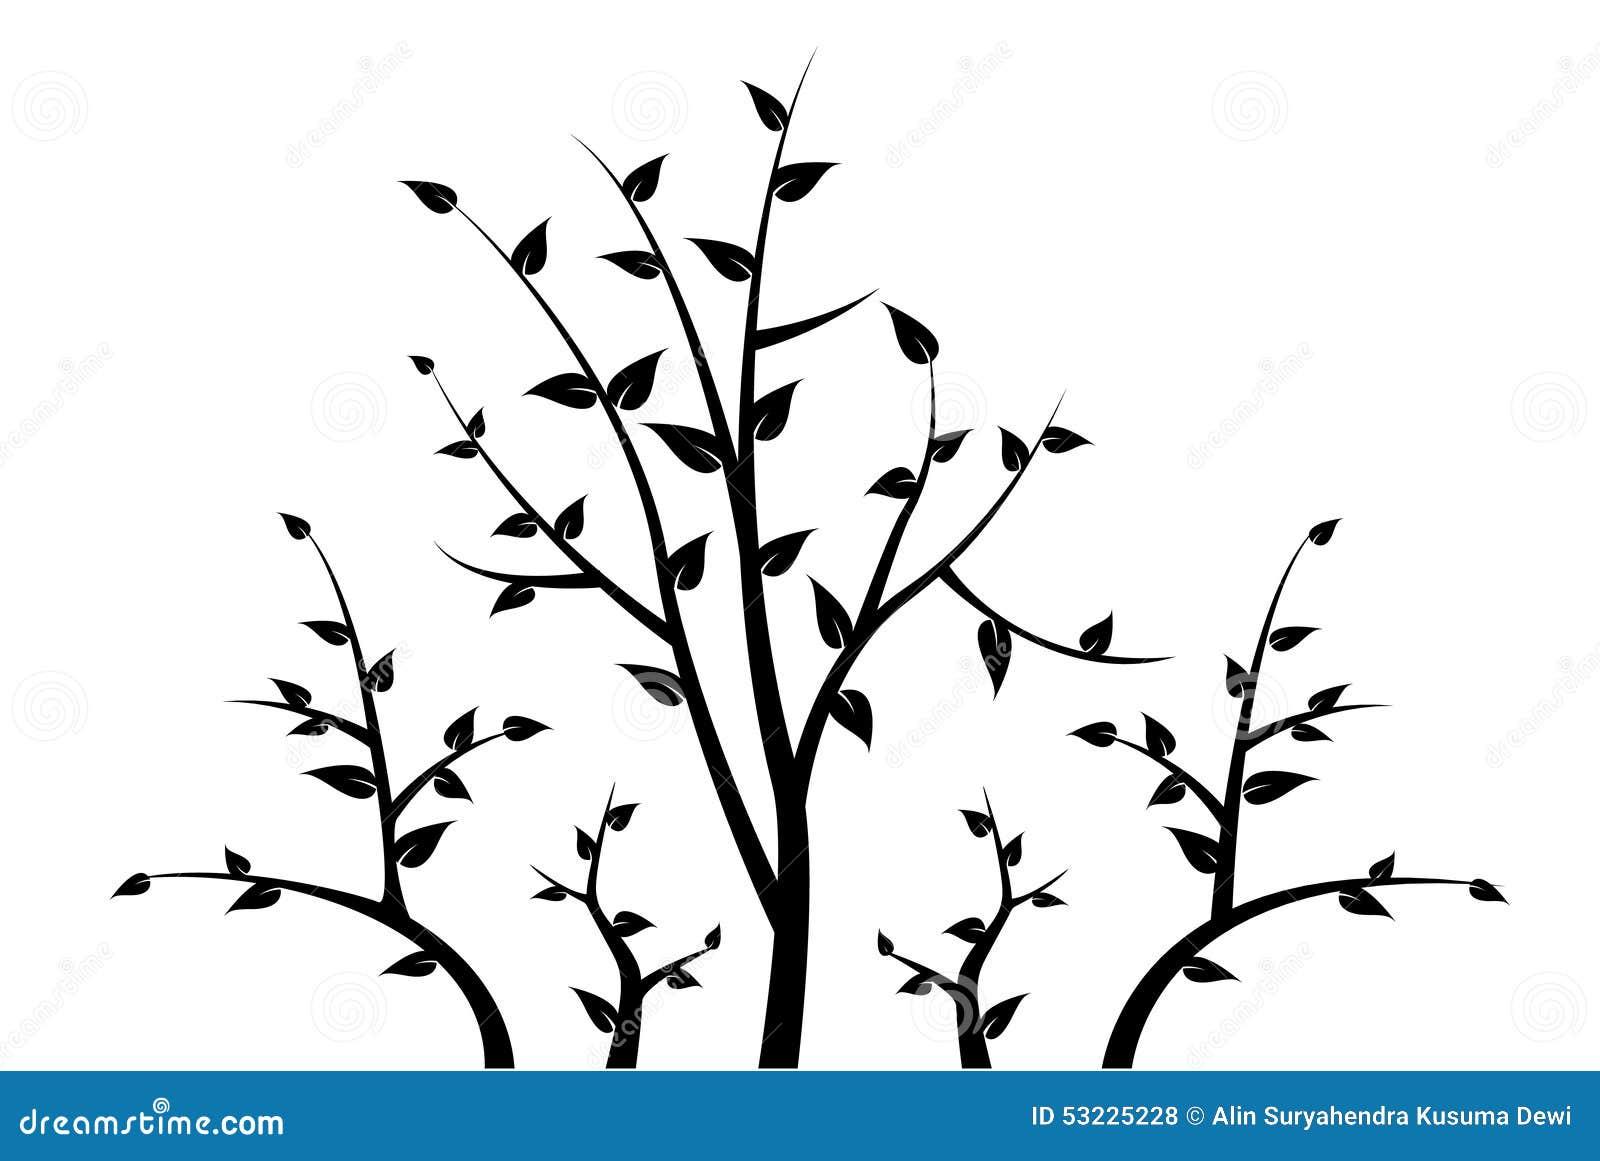 Silhouette de branche d 39 arbre pour votre d coration - Decoration branche arbre ...